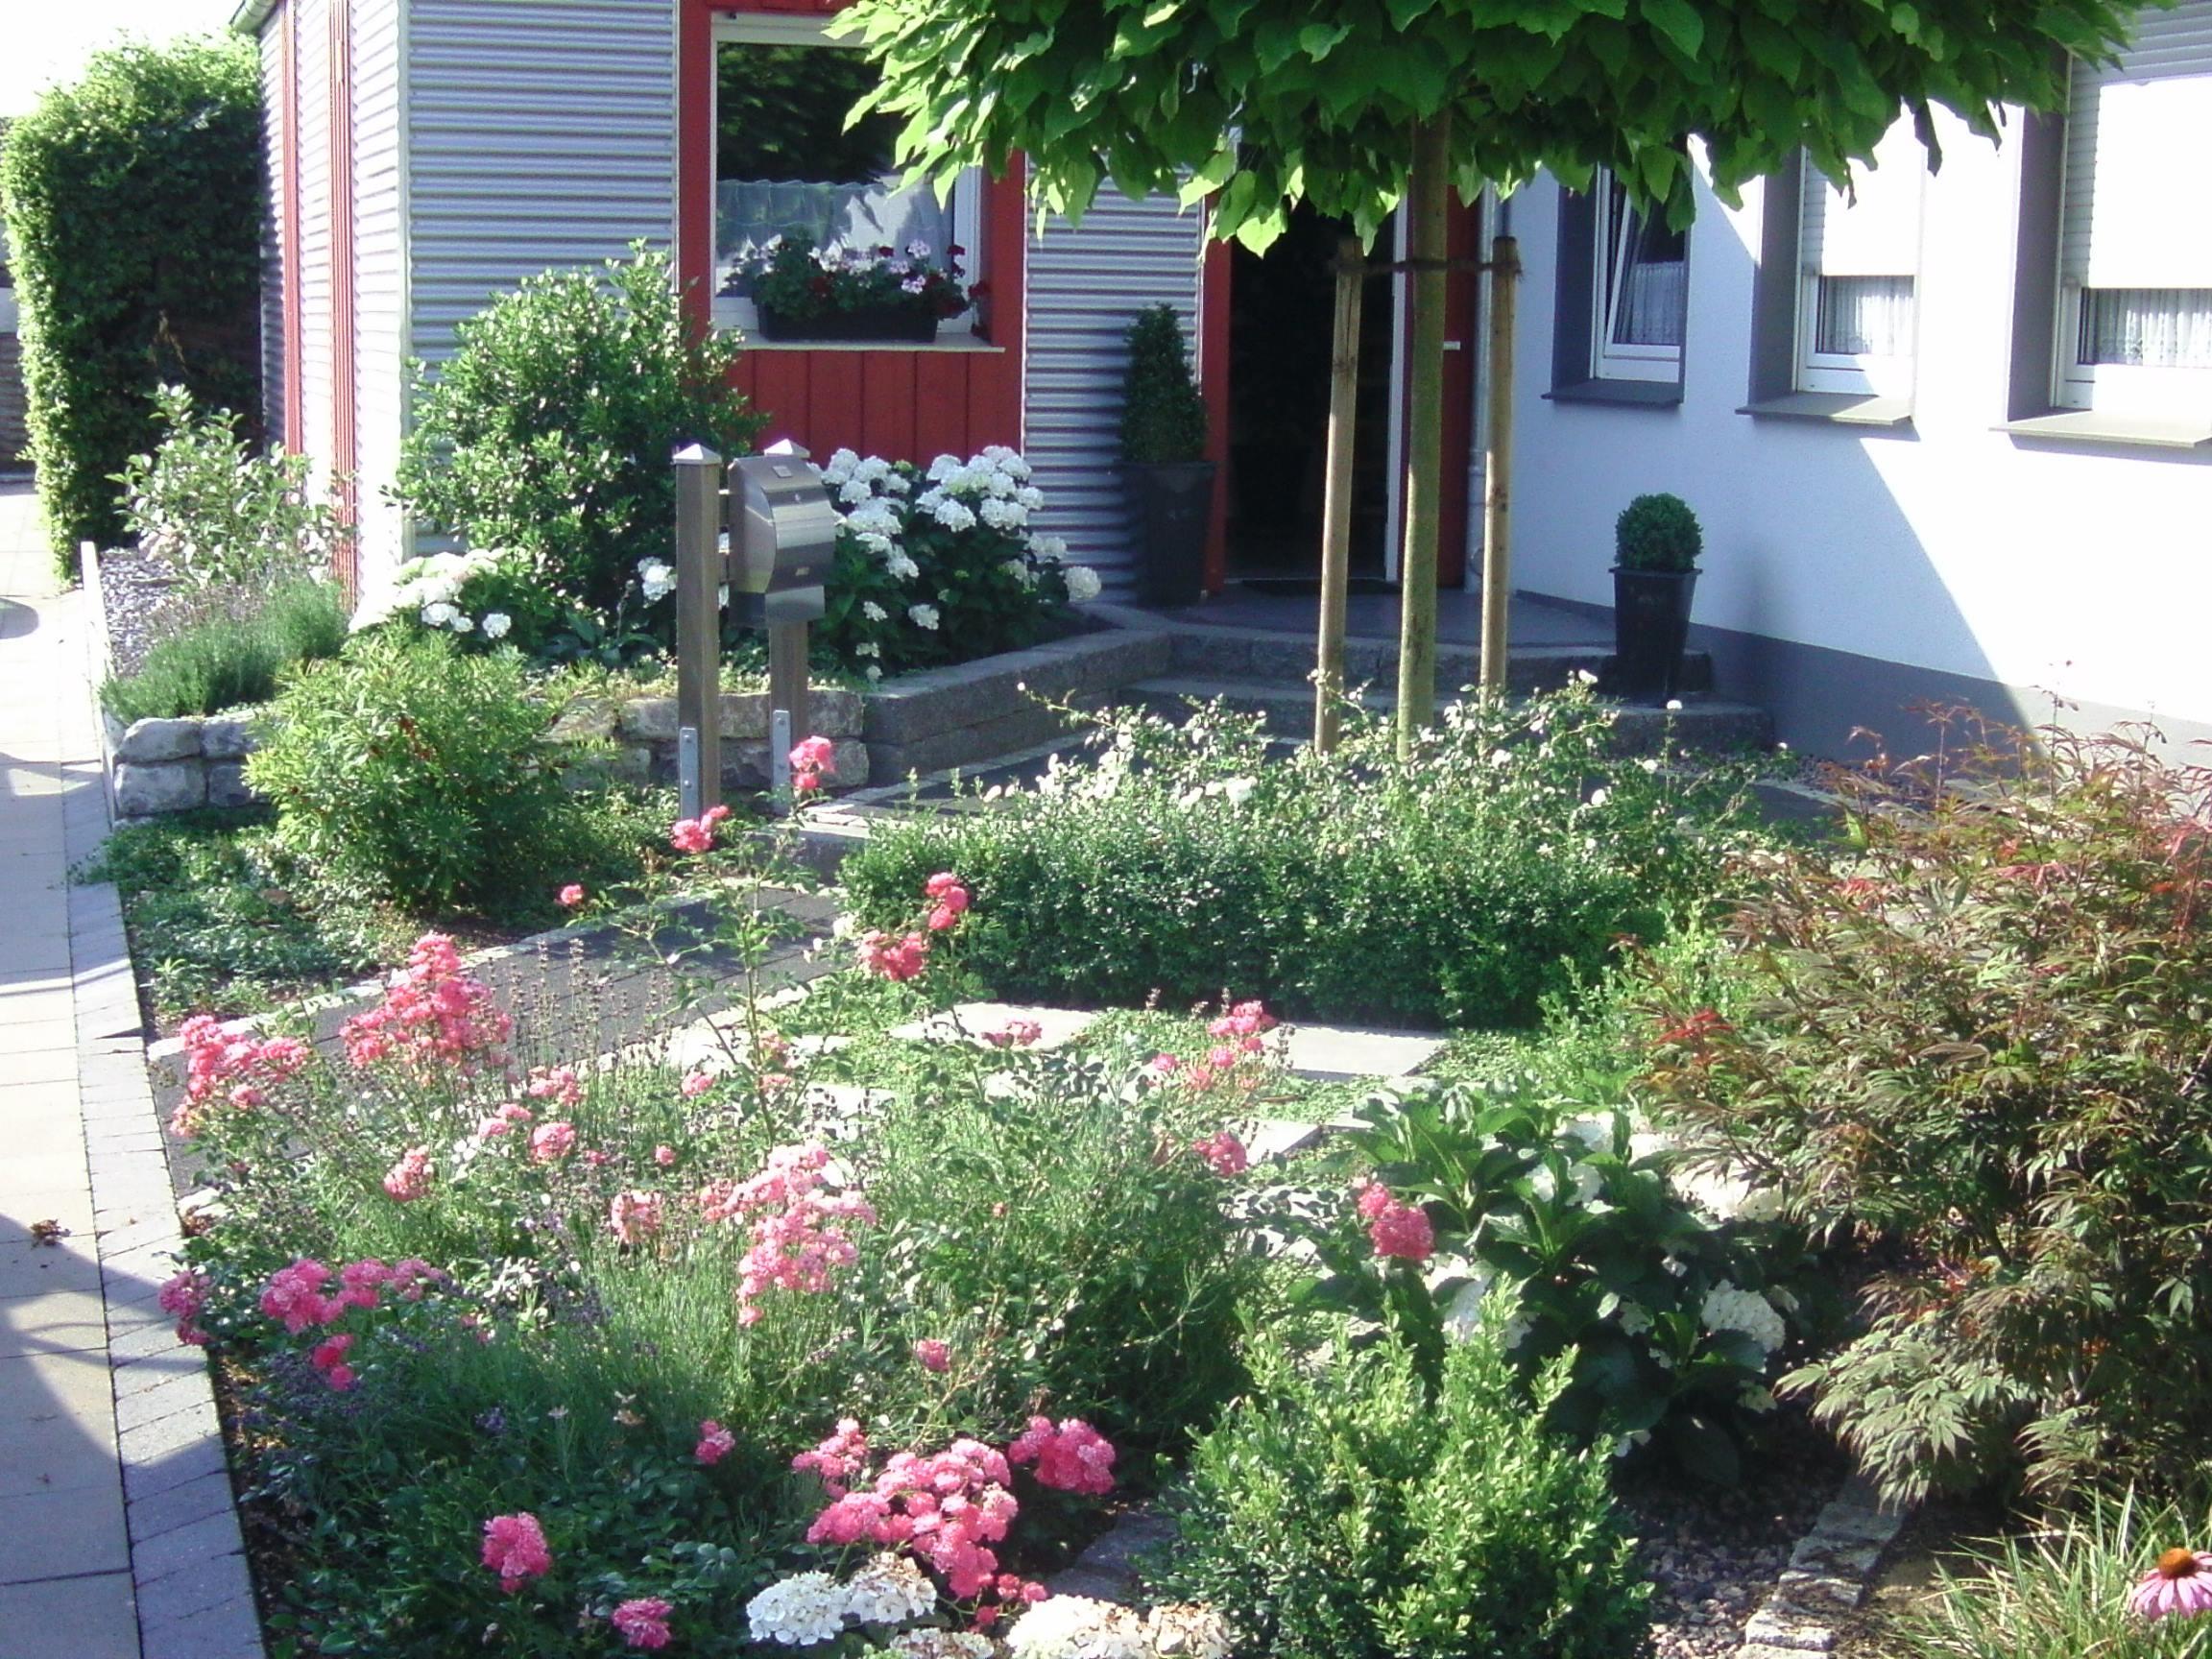 Gartenbau Korschenbroich gartenbauer in korschenbroich auf gartenbau org